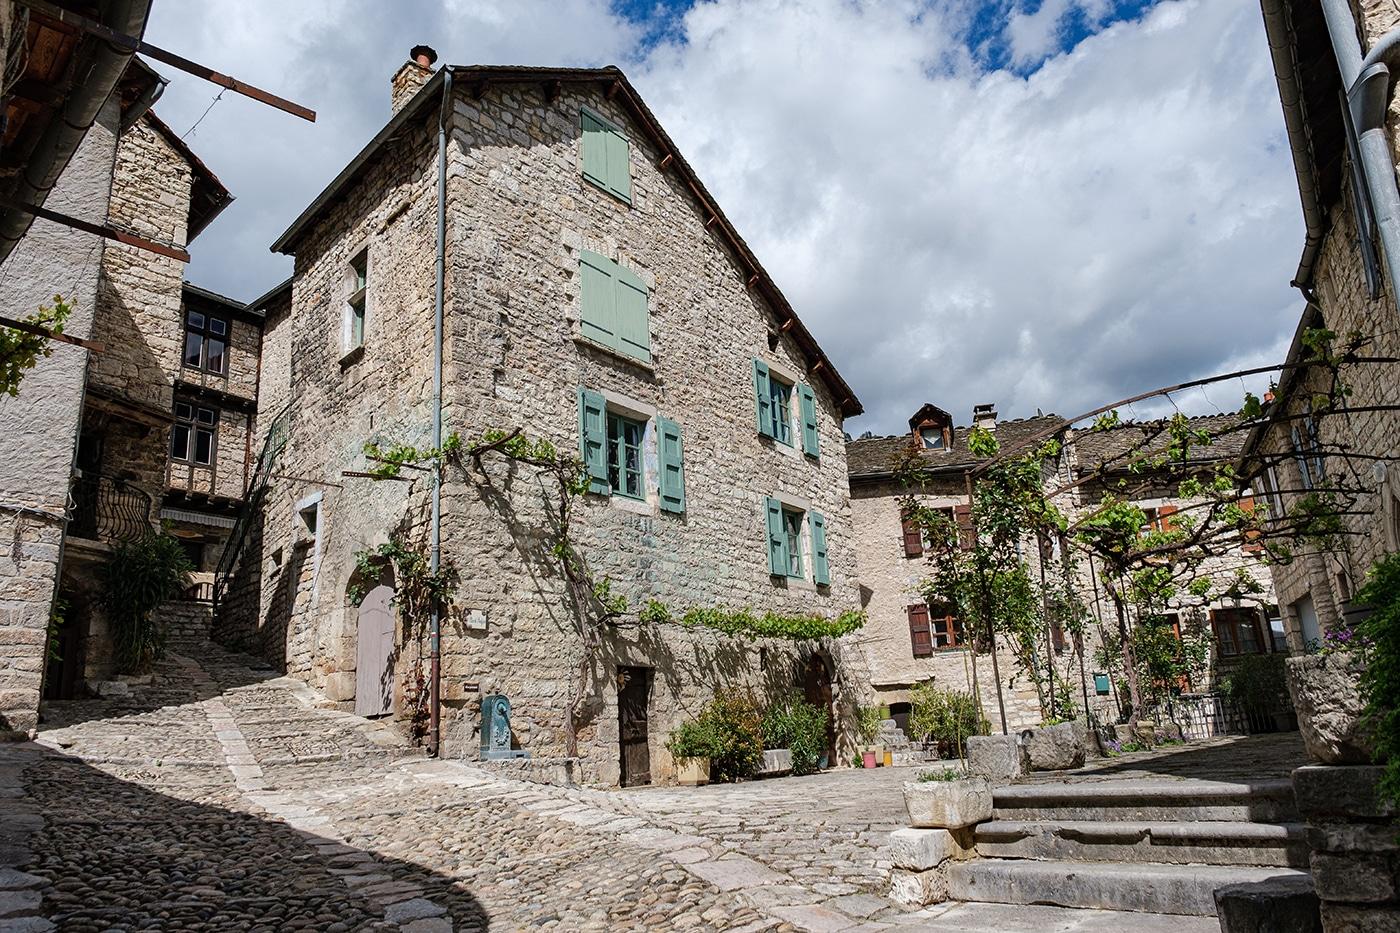 Sainte Enimie plus beau village de France en Lozère dans les gorges du Tarn